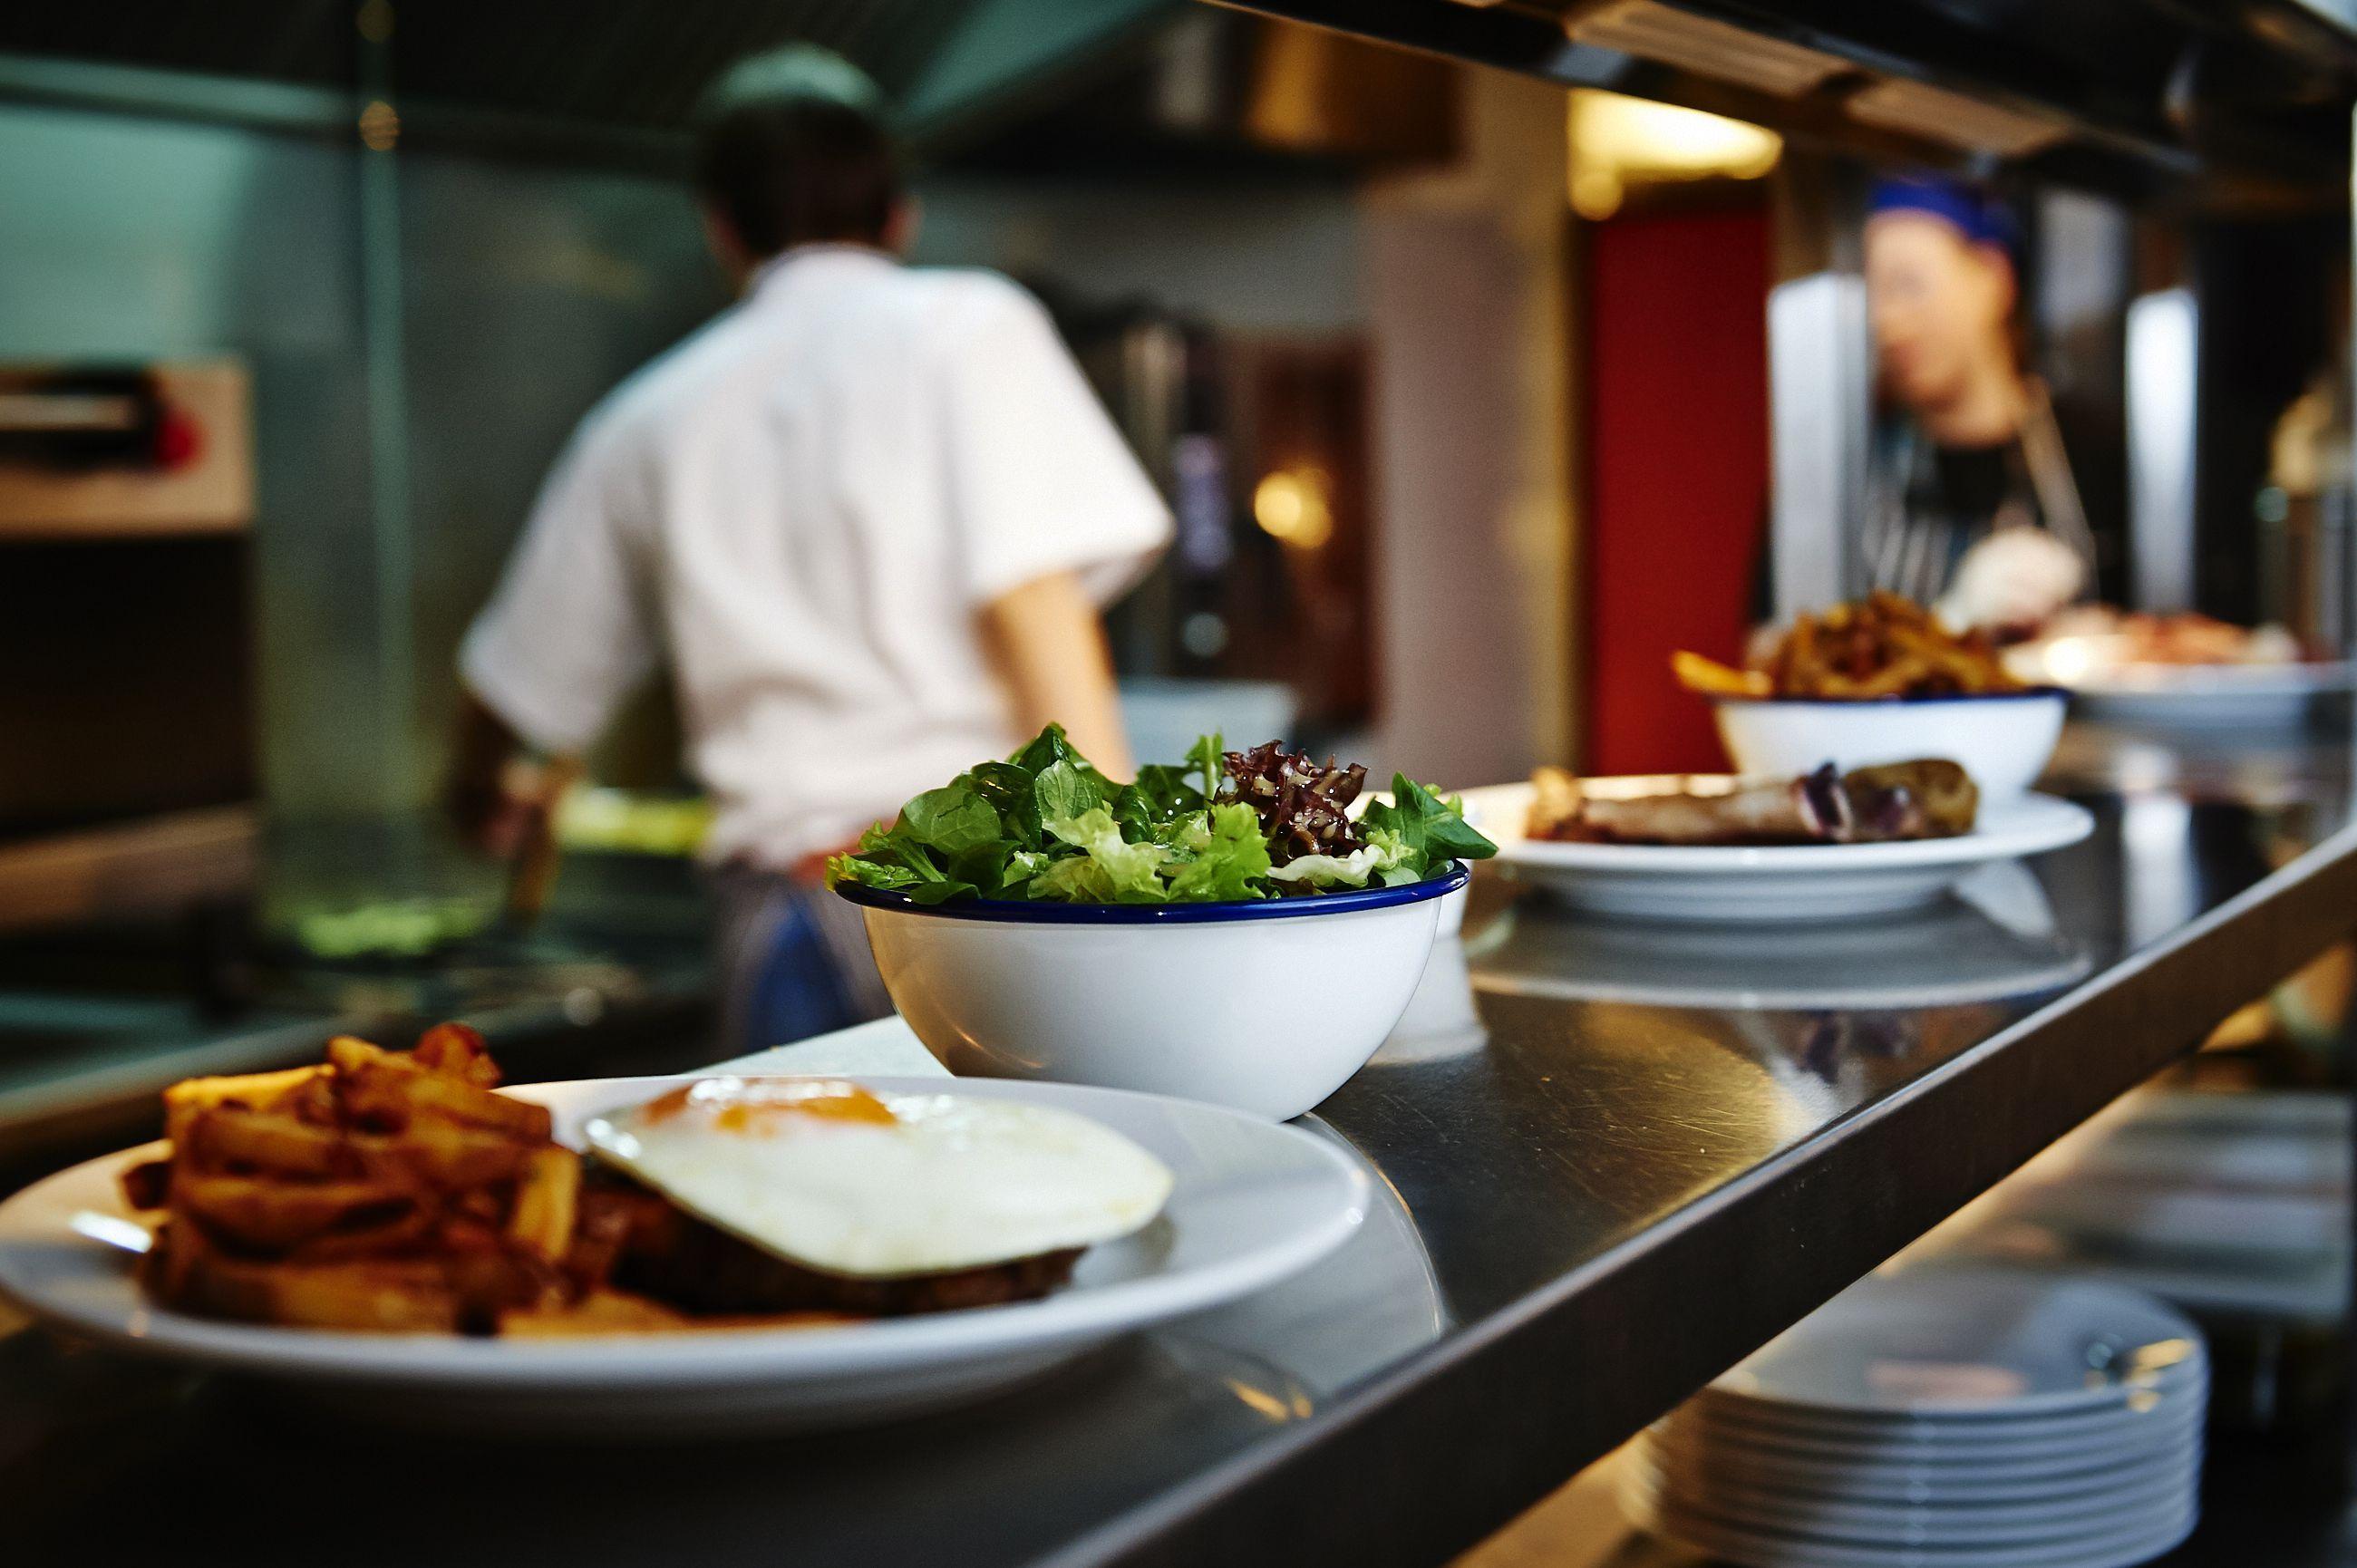 Bars & Restaurants: